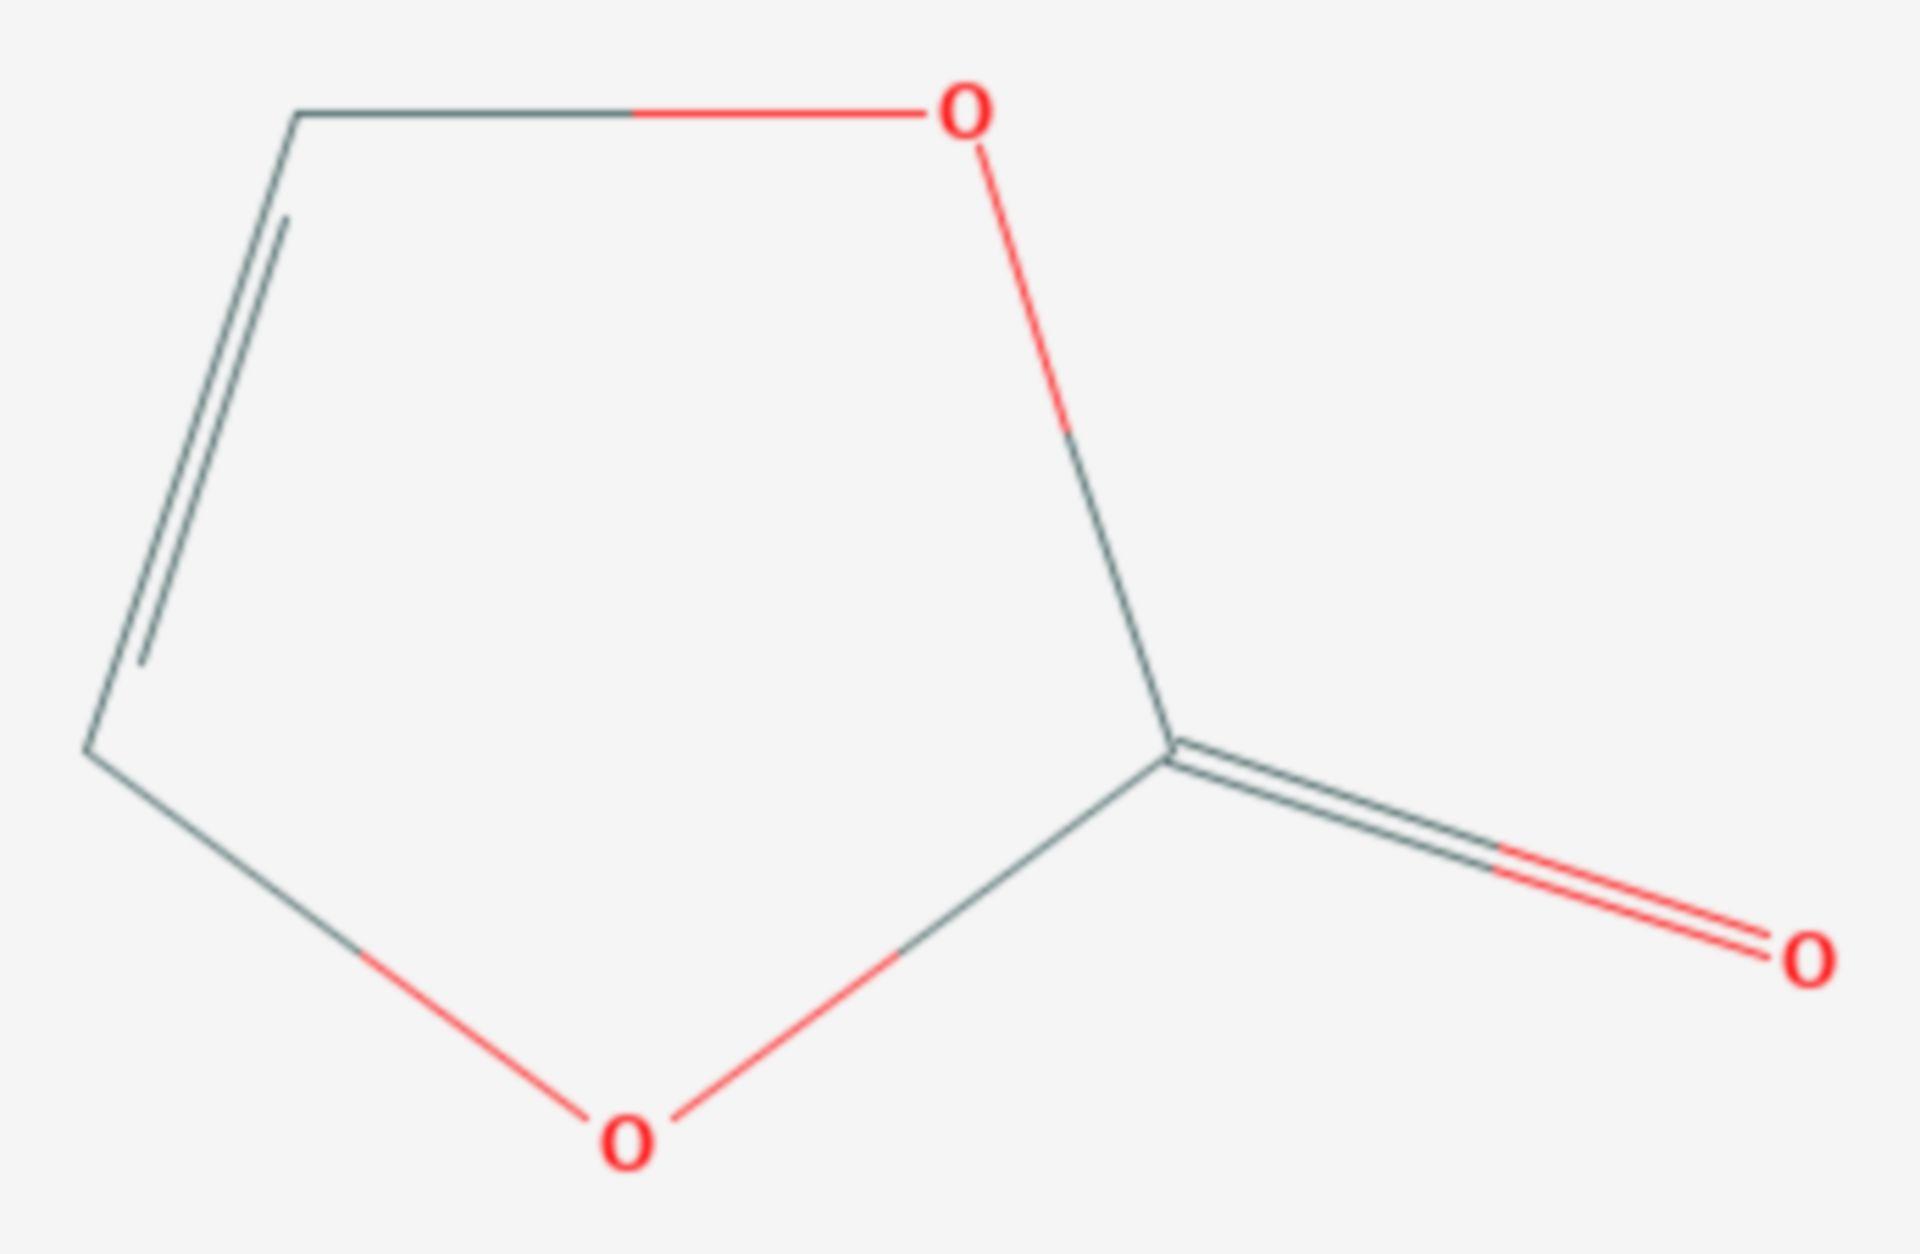 Vinylencarbonat (Strukturformel)